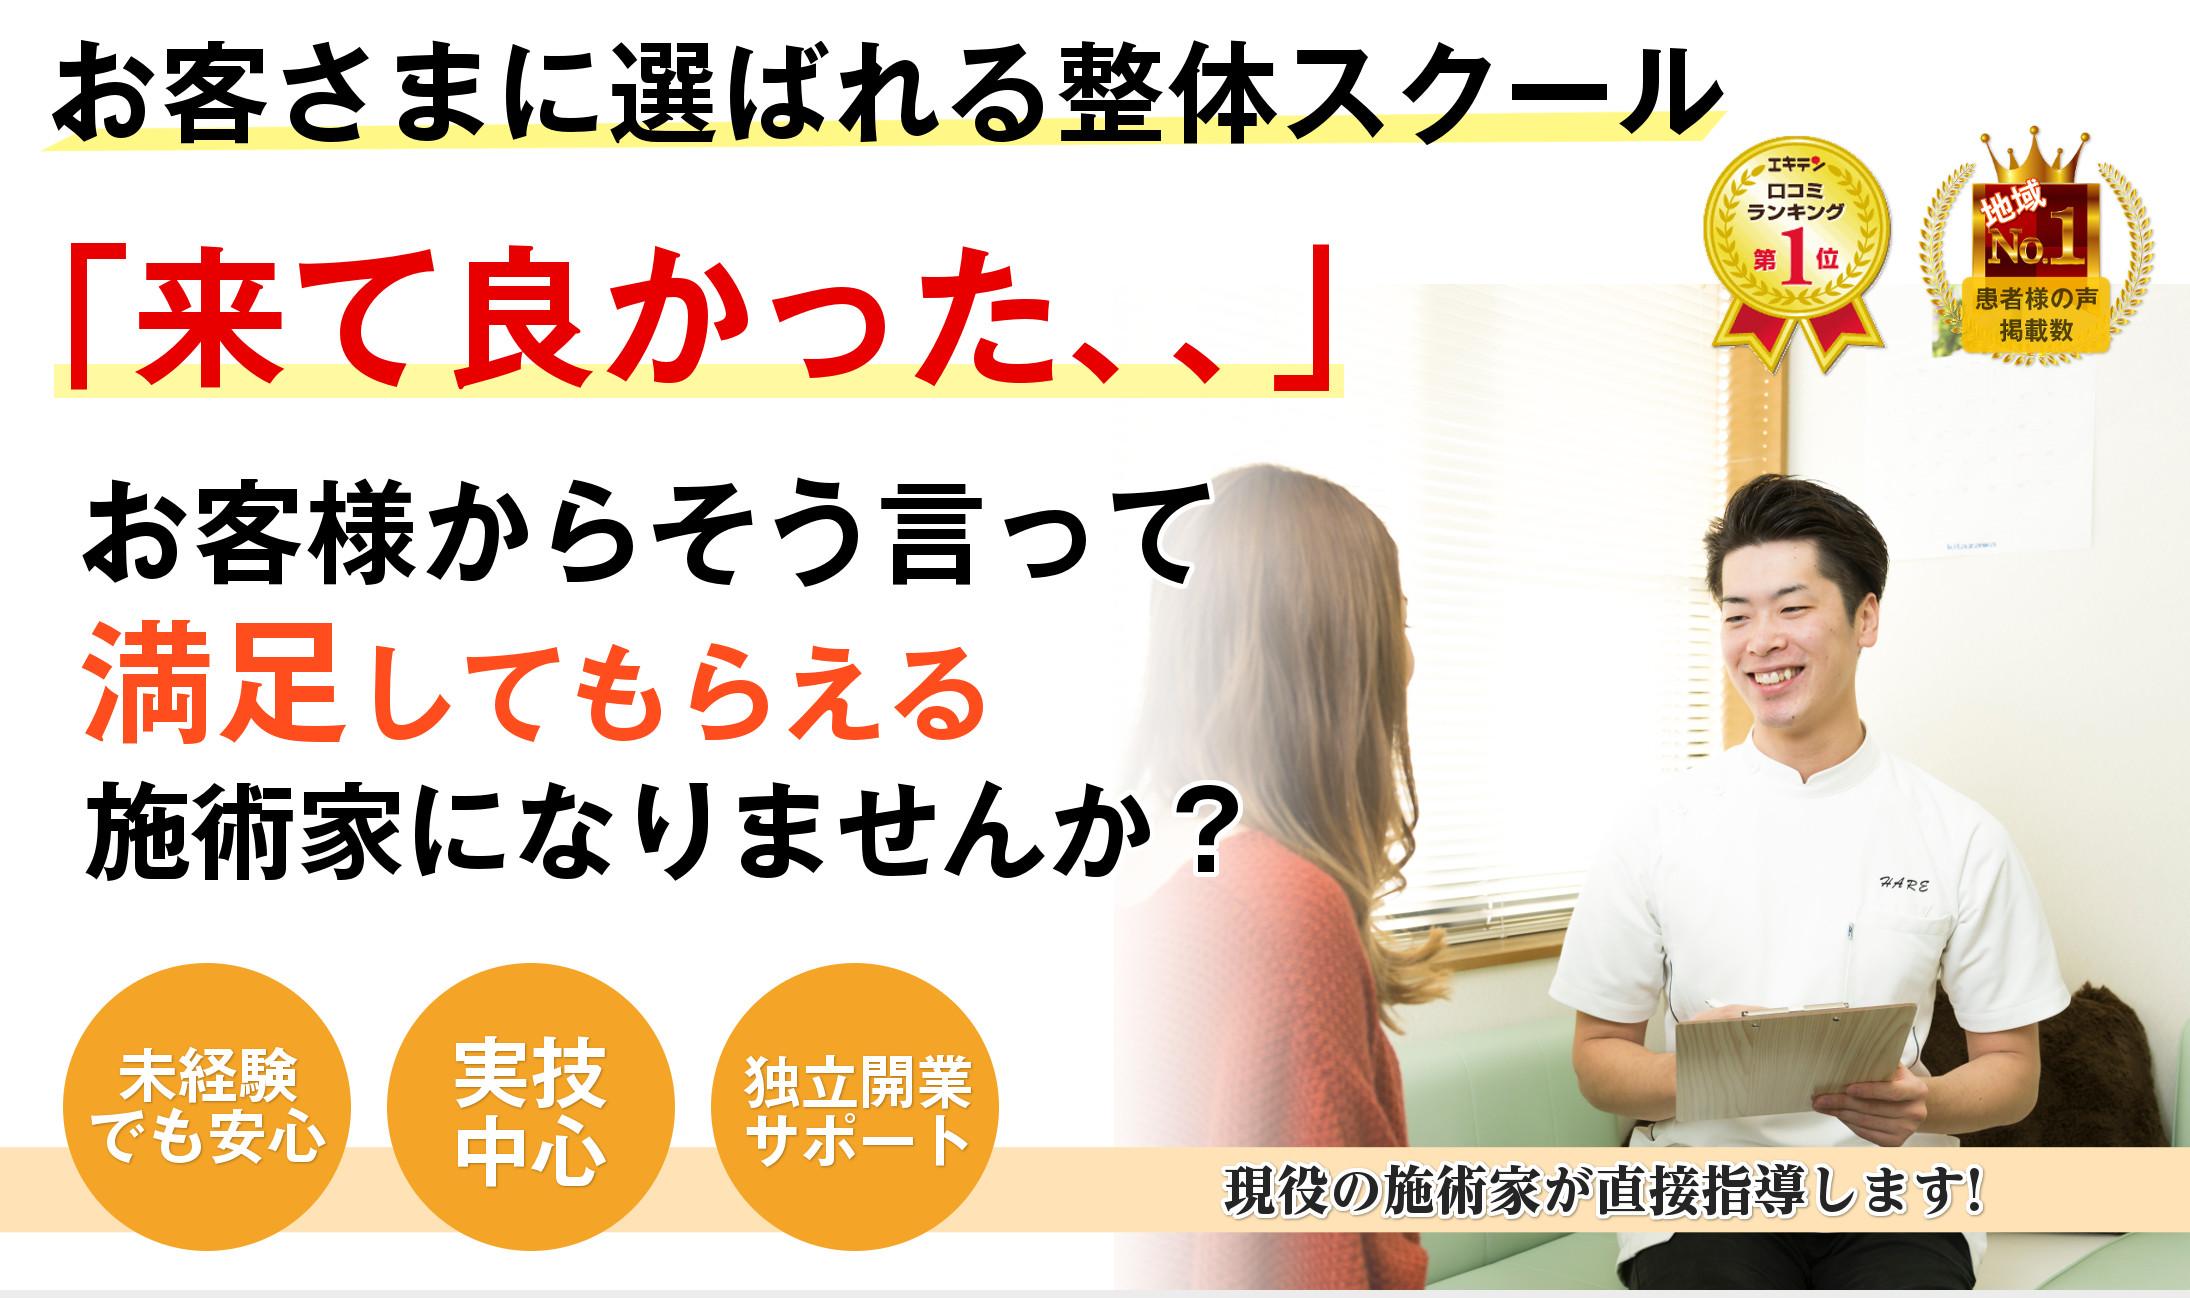 石川県金沢市の【整体スクール・整体学校】ならハレ整体スクールへ|整体学校